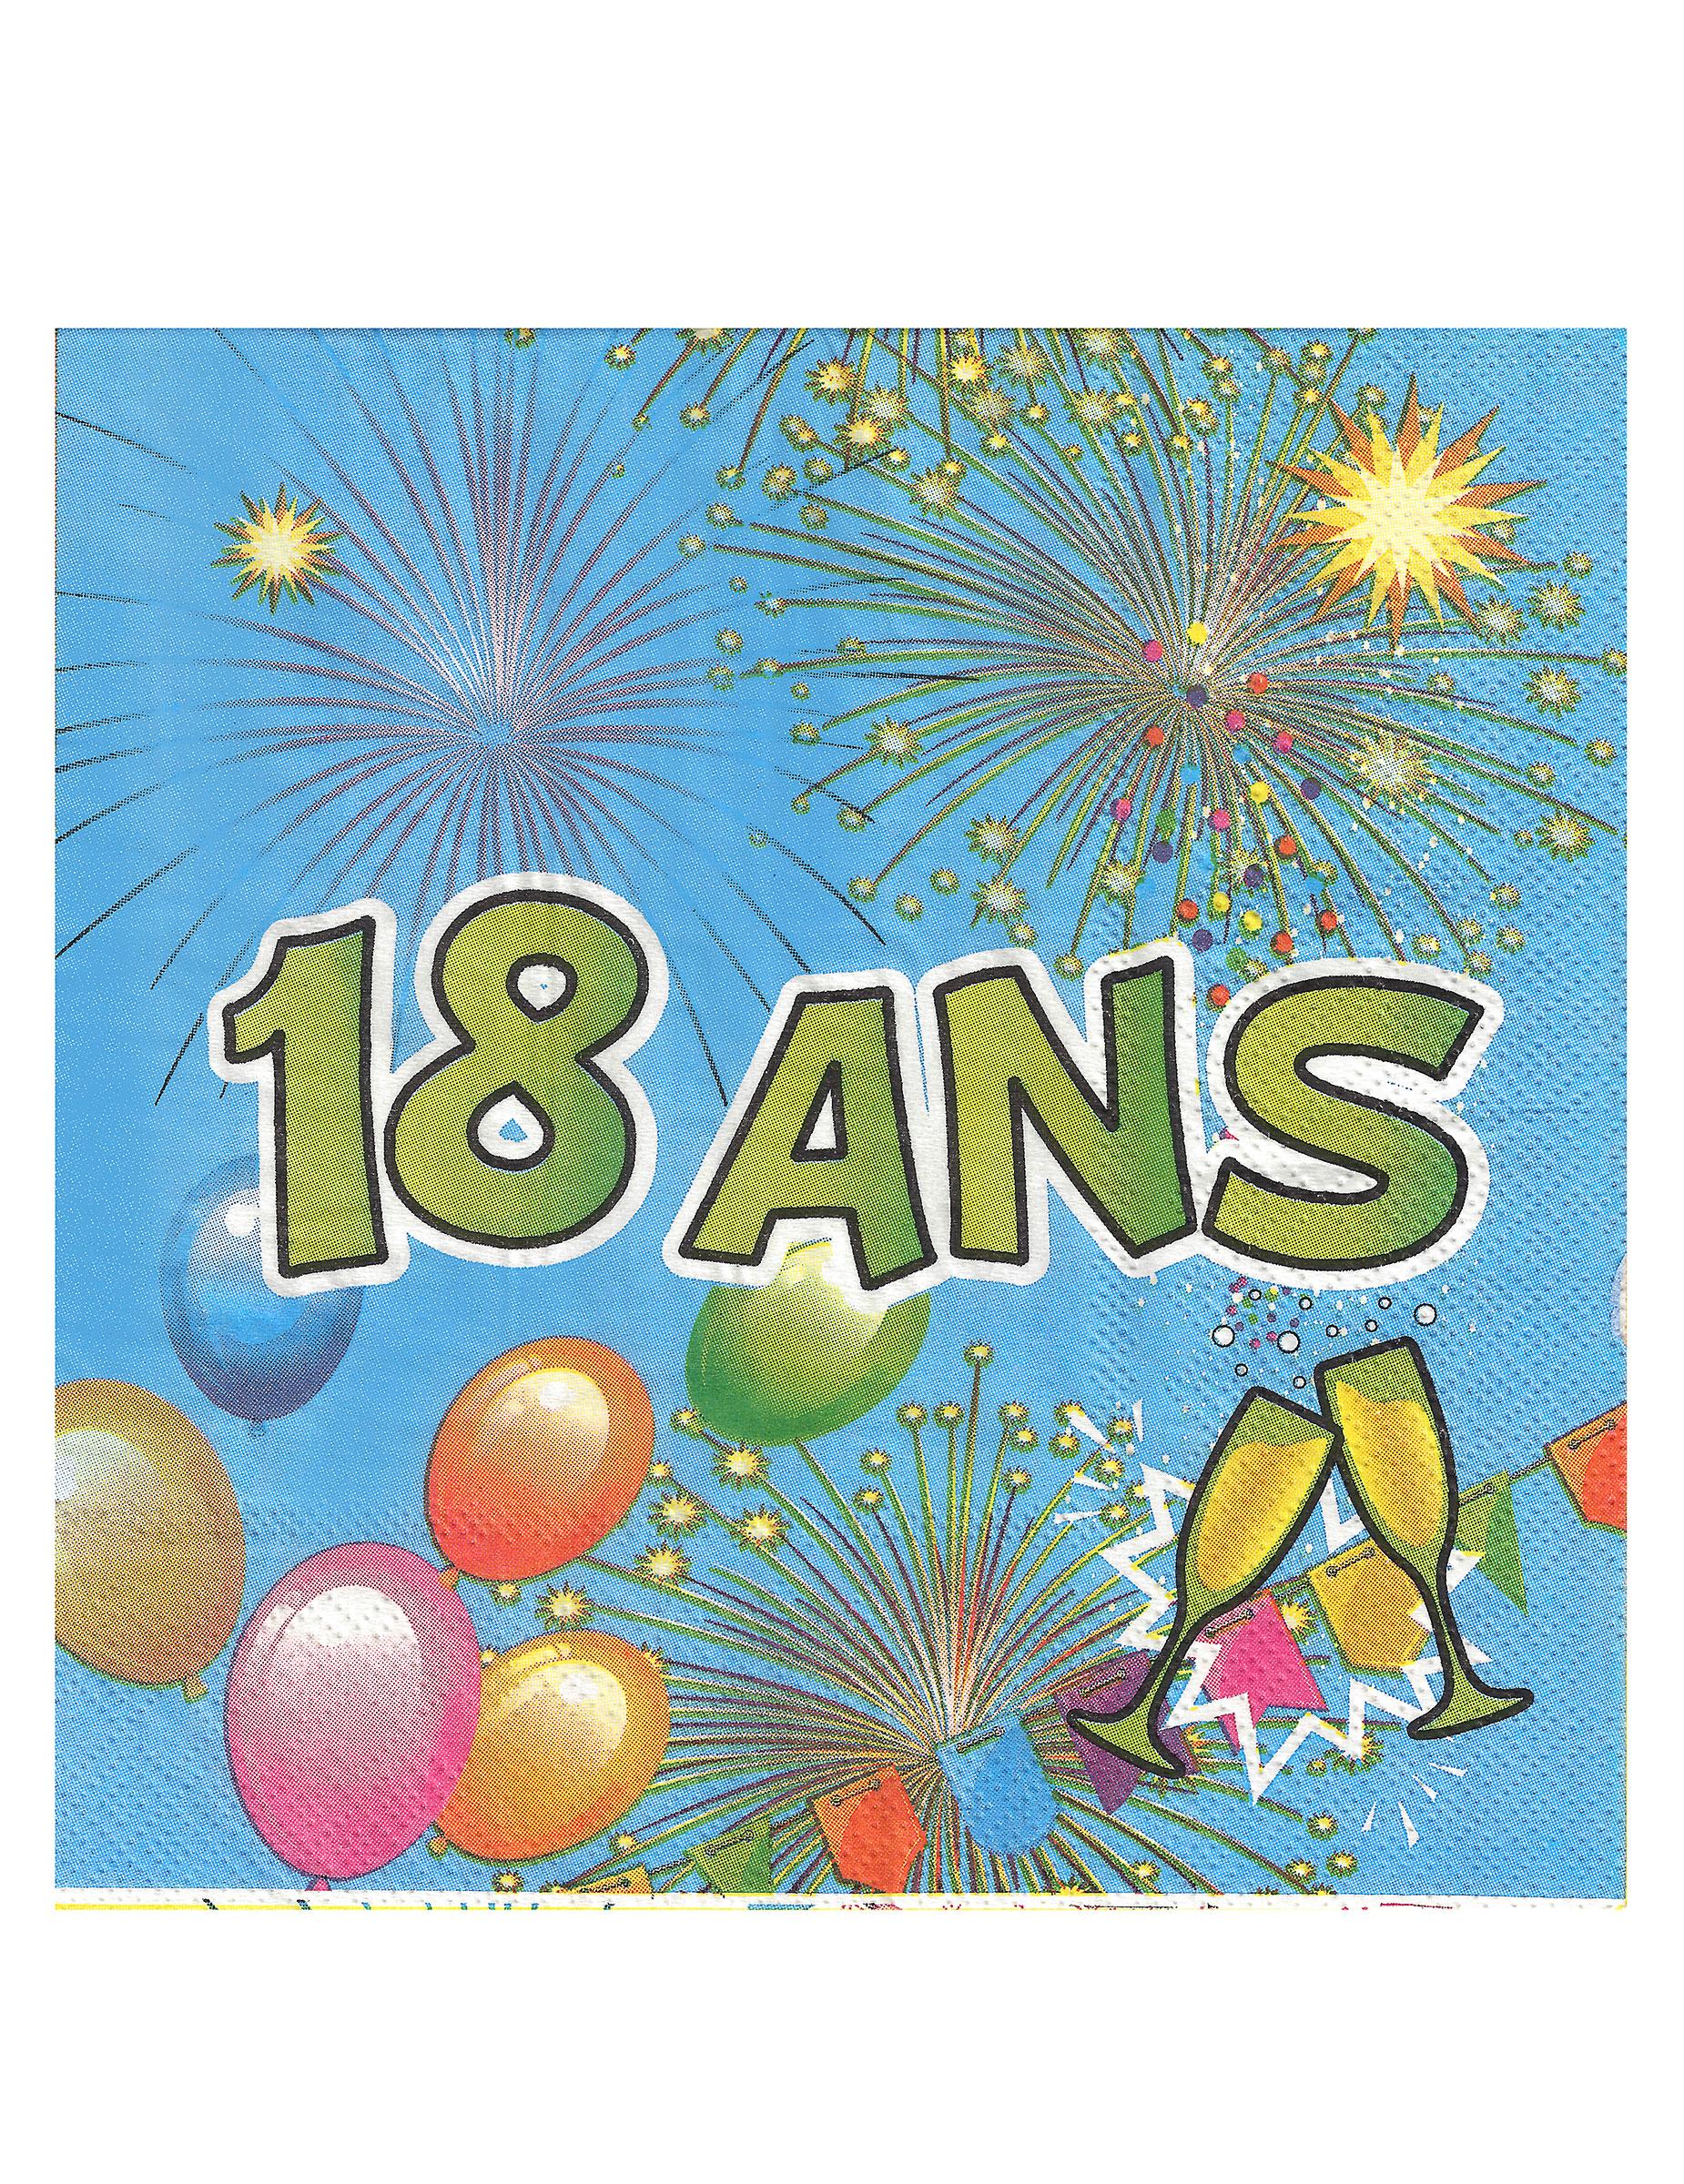 20 serviettes en papier 18 ans anniversaire fiesta 33 cm d coration anniversaire et f tes. Black Bedroom Furniture Sets. Home Design Ideas